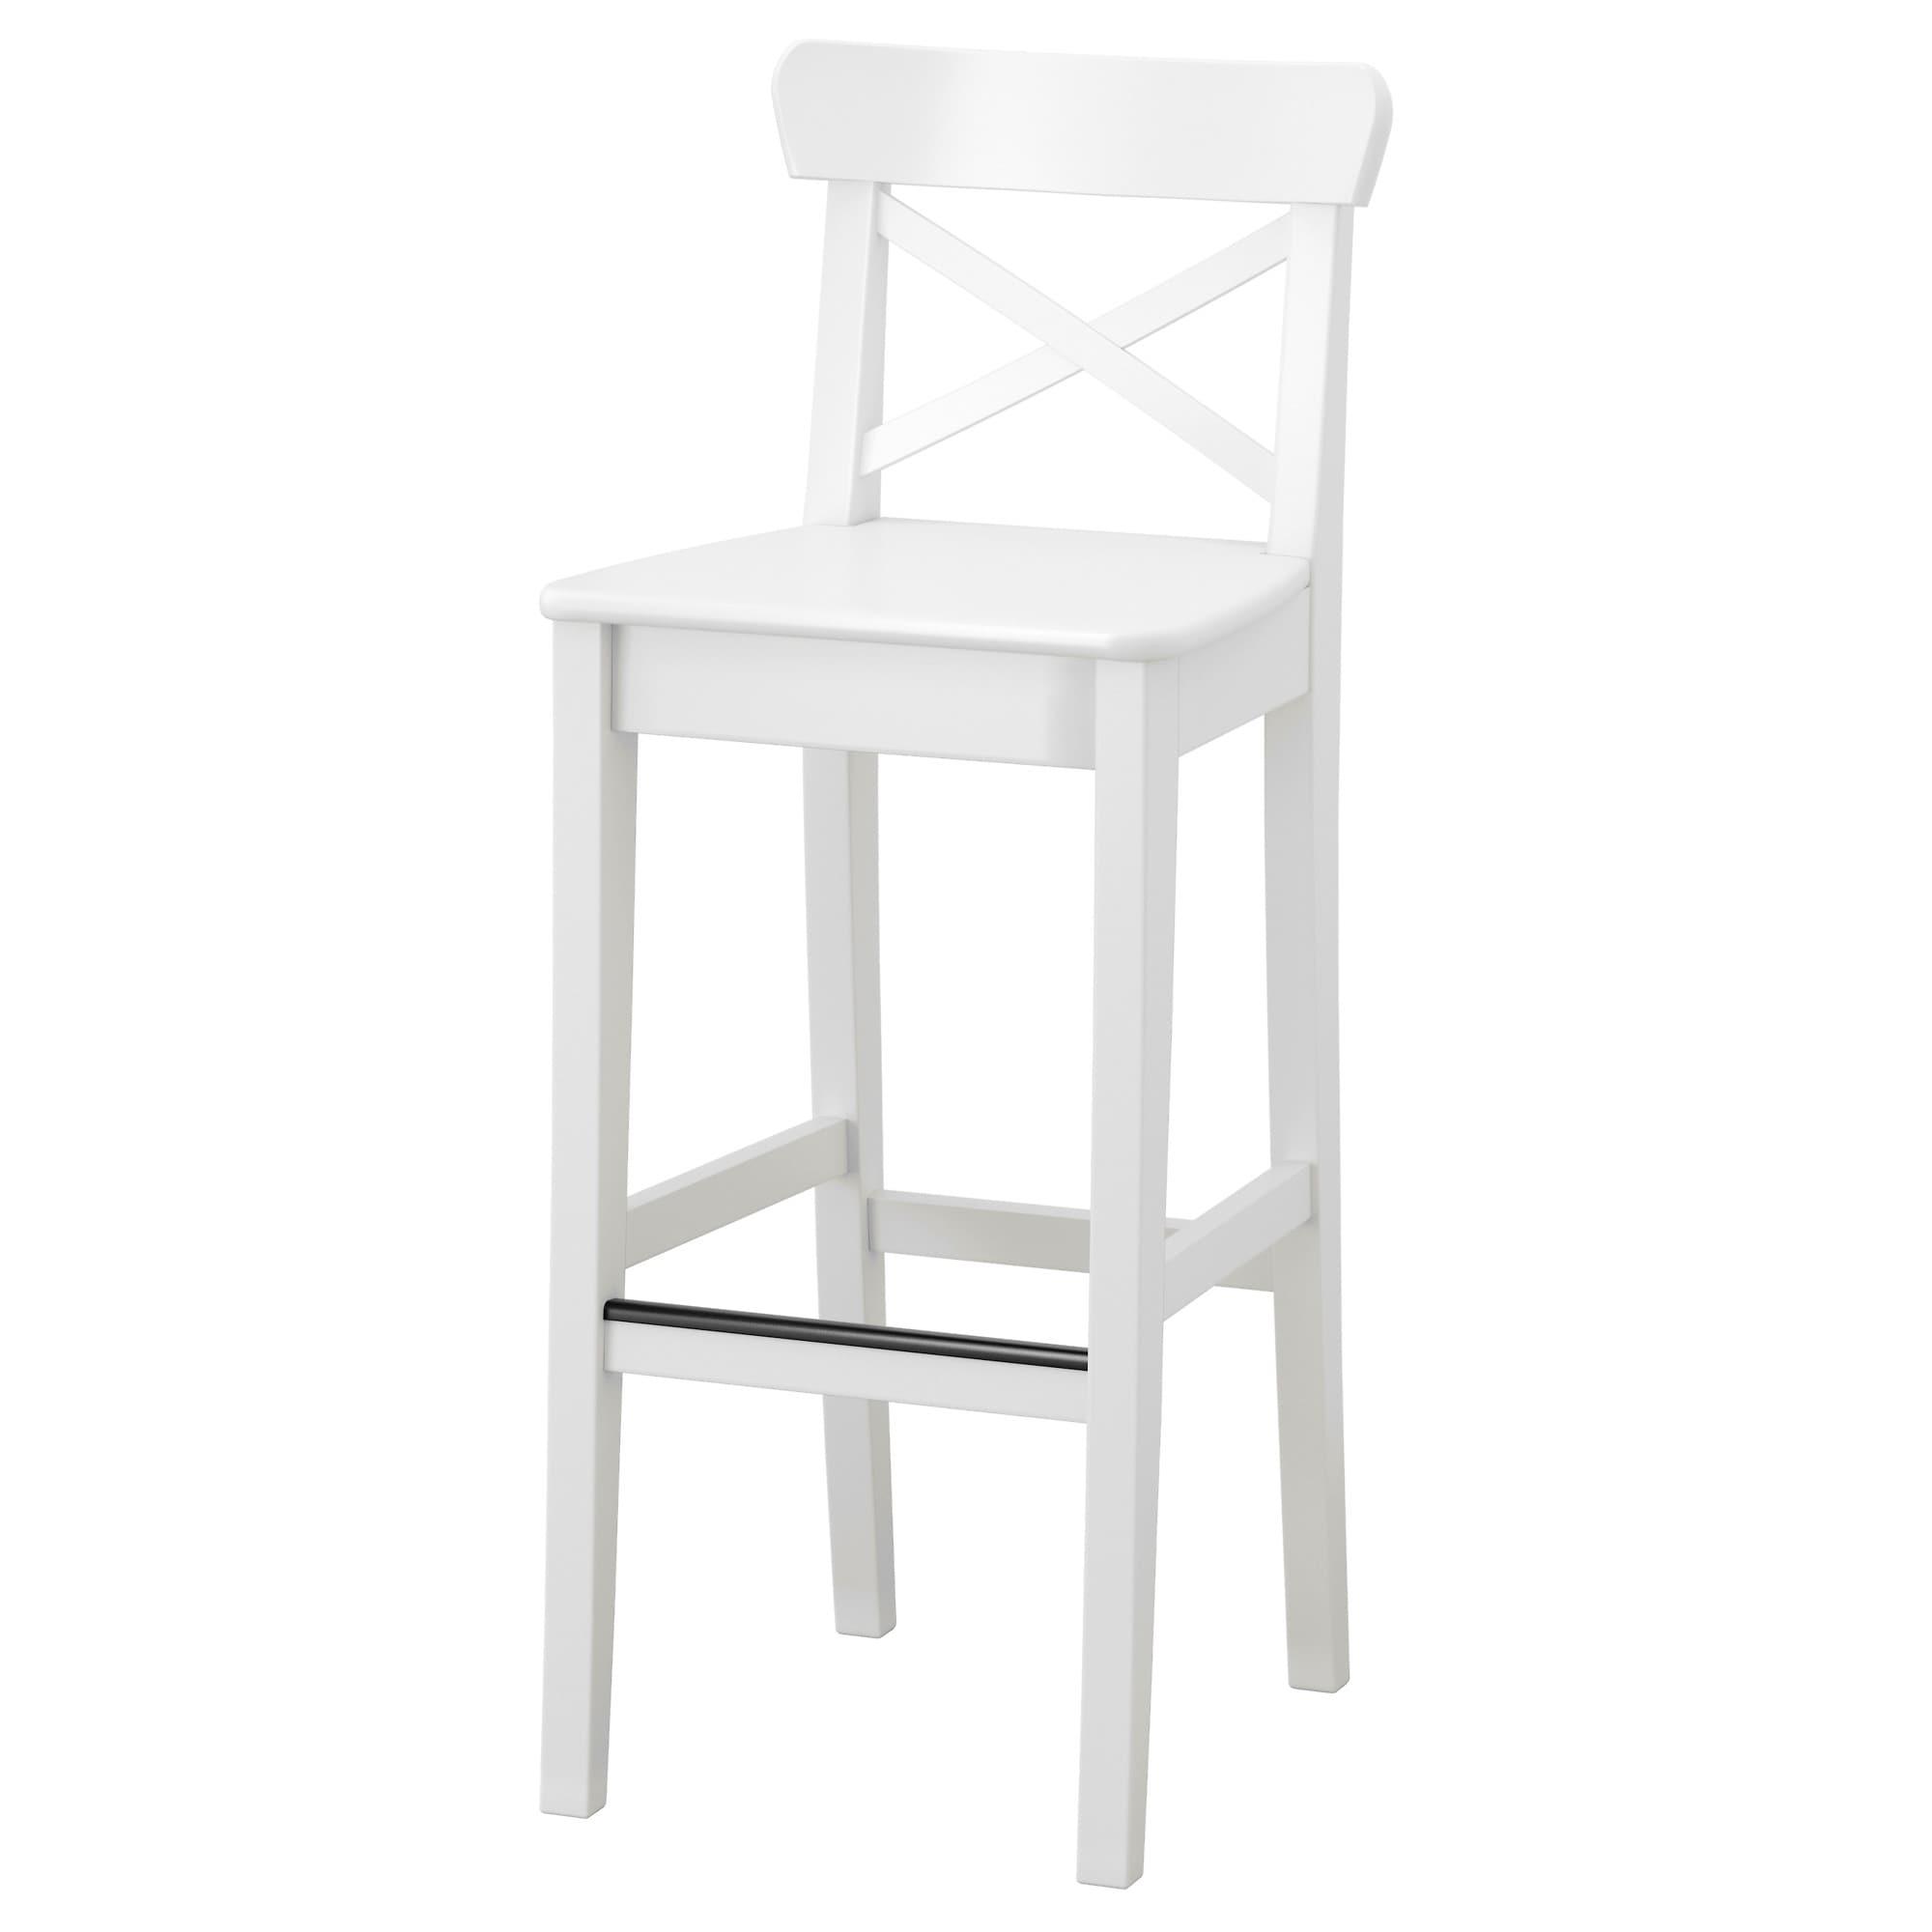 Ingolf Bar Stool With Backrest White 29 1 8 Ikea White Bar Stools Ikea Bar Ikea Barstools